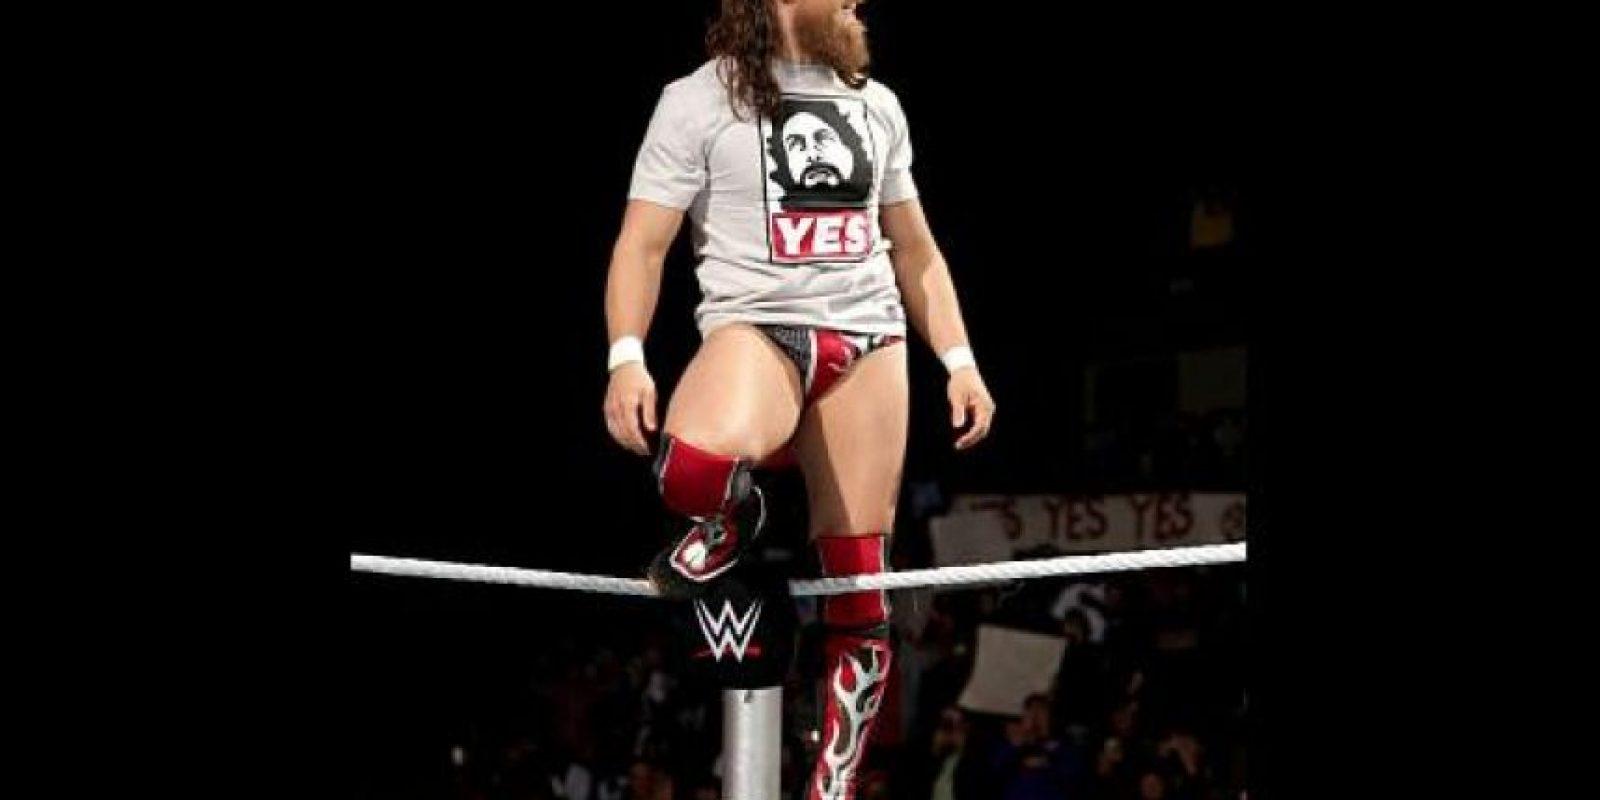 El excampeón mundial es uno de los más queridos por el público Foto:WWE